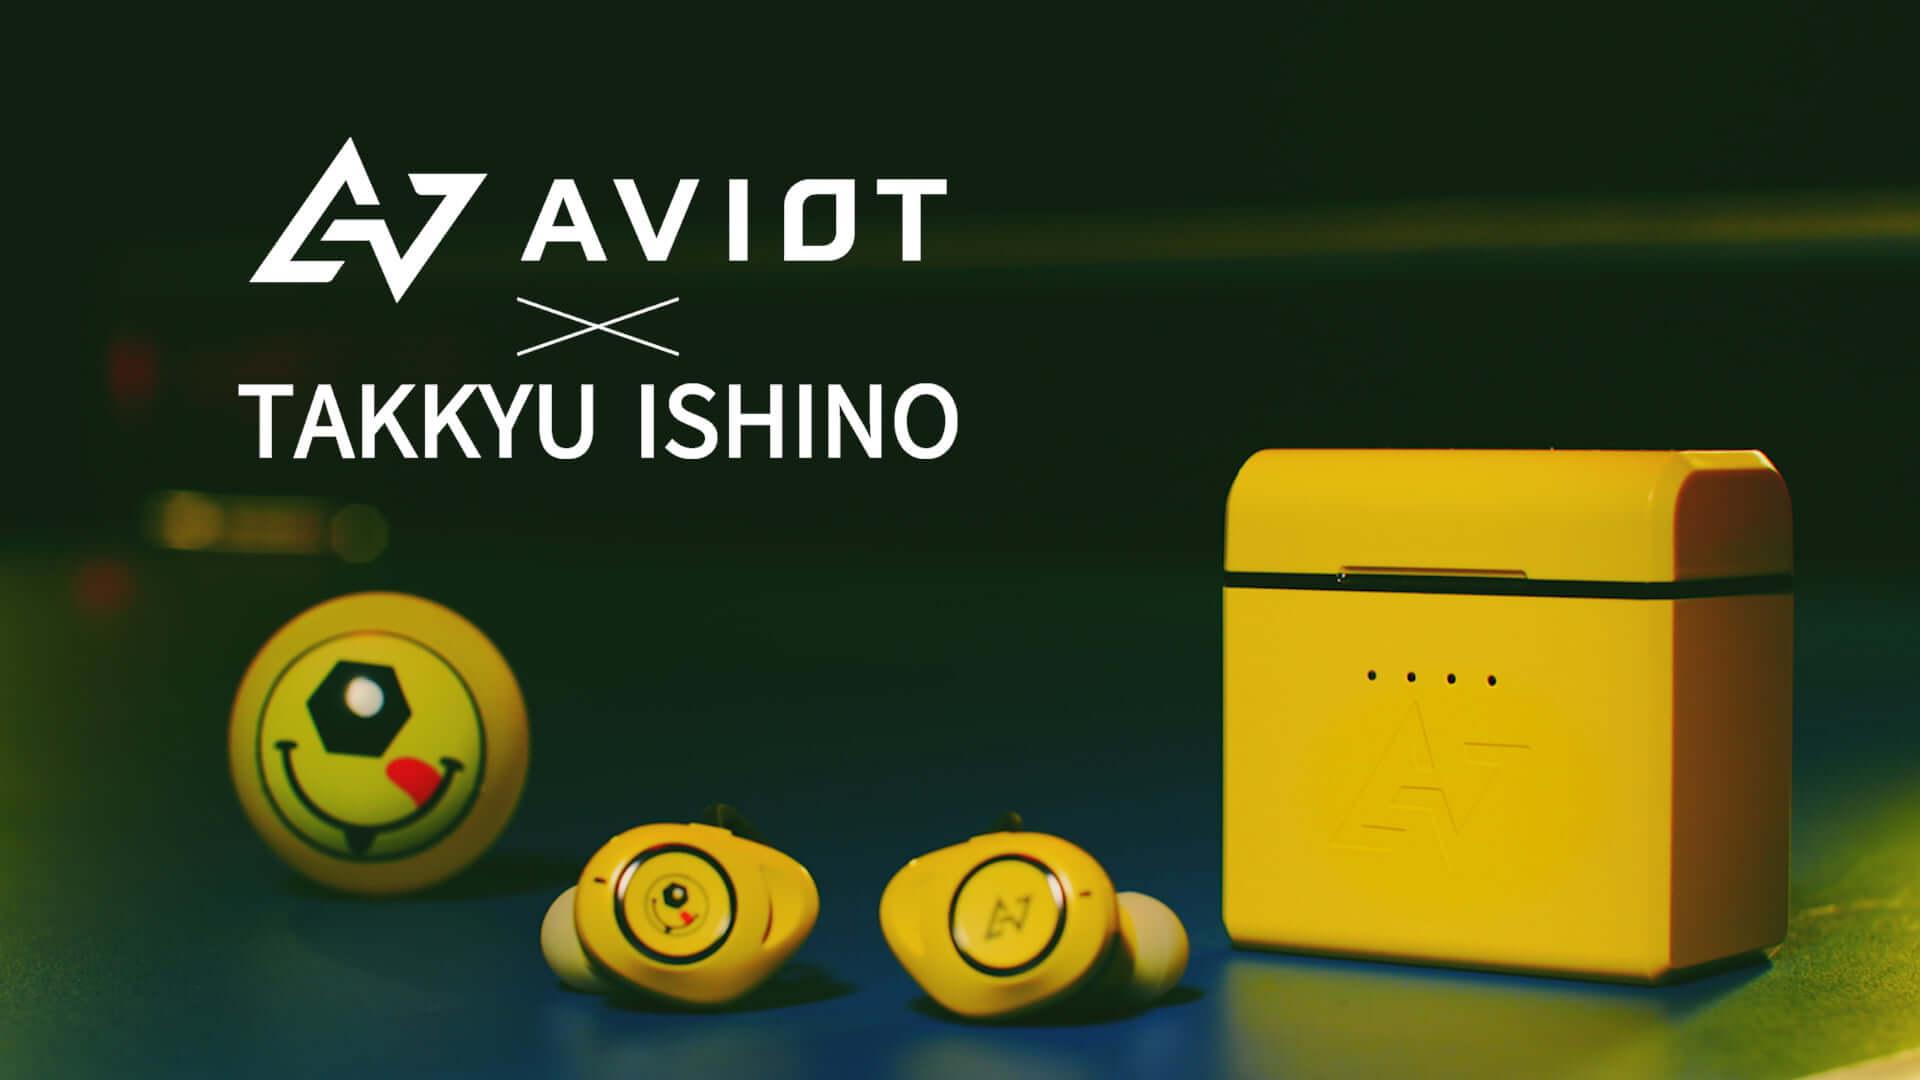 石野卓球とAVIOTが初コラボ!本人監修の完全ワイヤレスイヤホン『TE-D01d mk2-TQ』が発売決定&インタビュー動画も公開 tech200902_aviot-takkyuishino_5-1920x1080